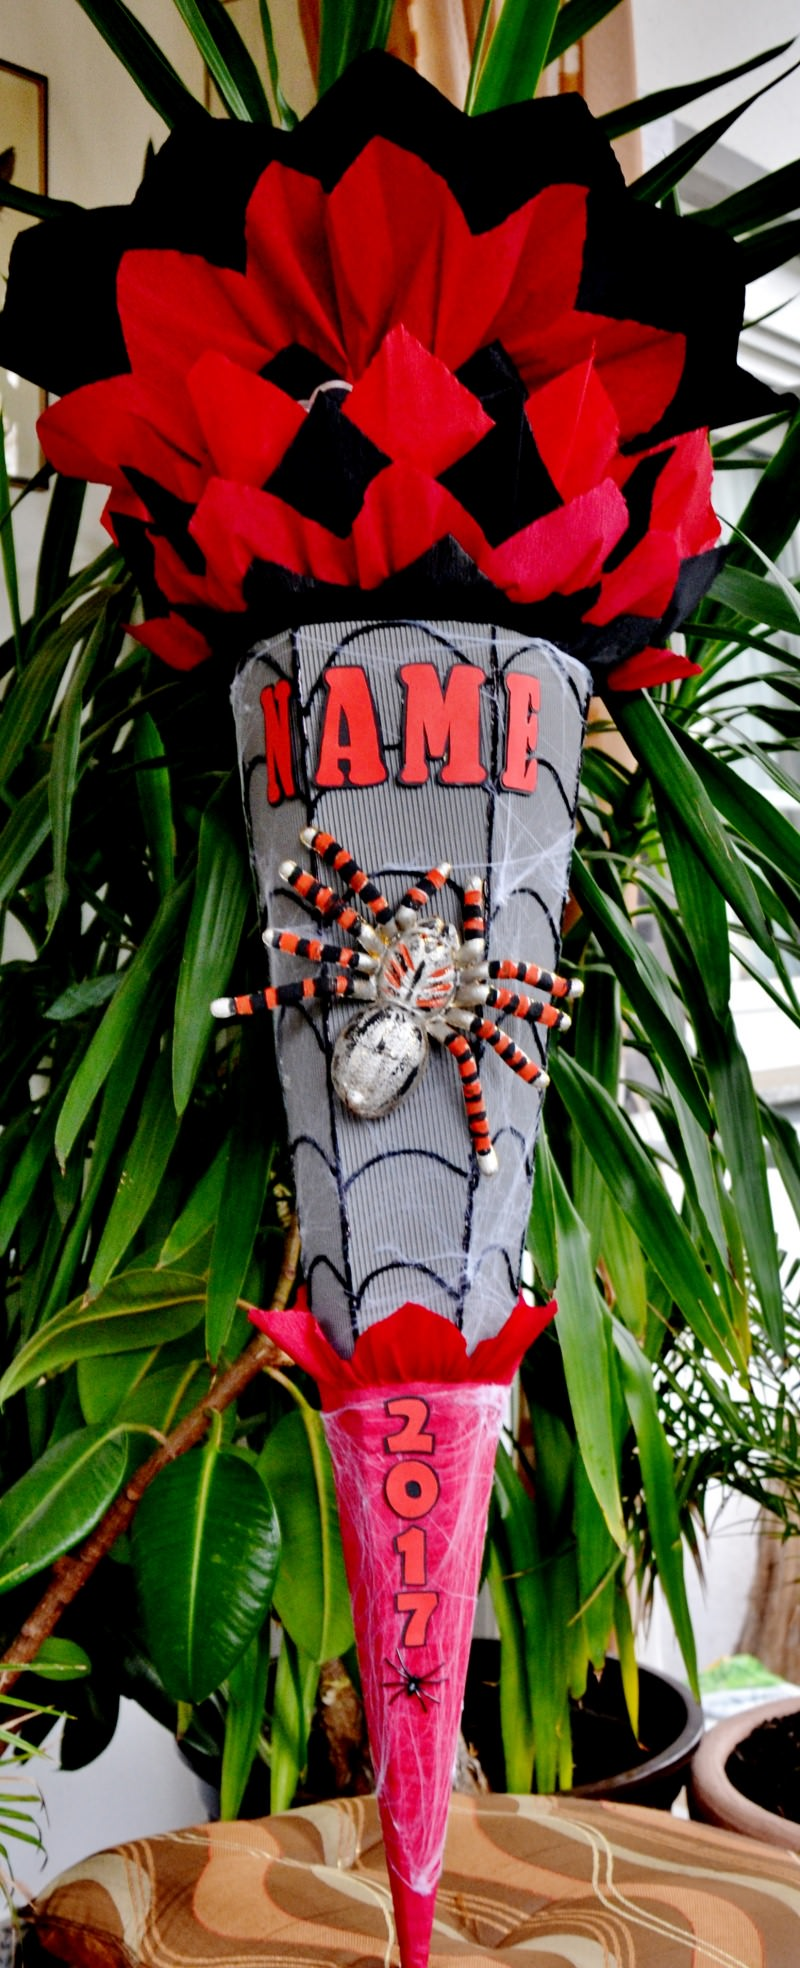 -  Handgemachte XXL Schultüte Zuckertüte Spinne für Jungs Spider (Kopie id: 25050) -  Handgemachte XXL Schultüte Zuckertüte Spinne für Jungs Spider (Kopie id: 25050)